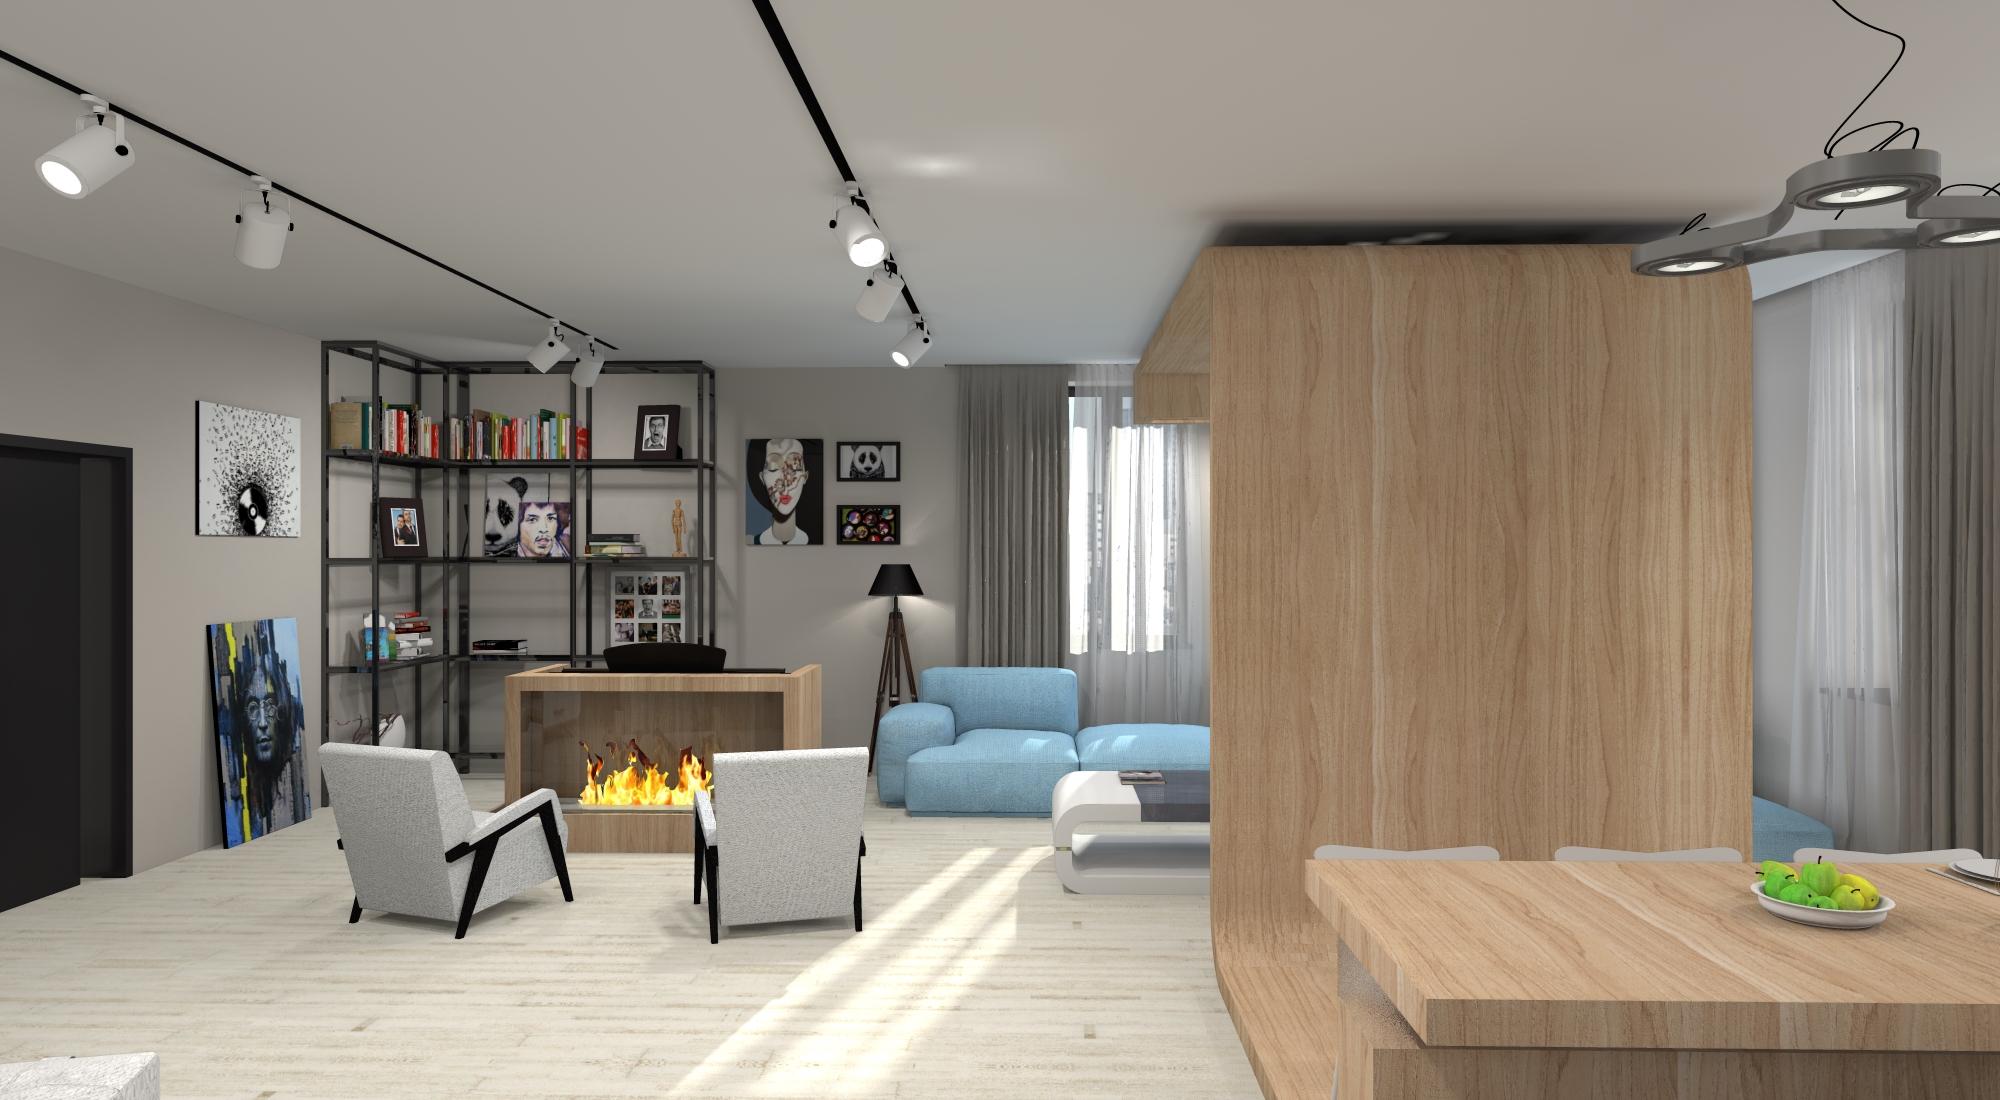 Профессиональная программа для дизайна квартиры